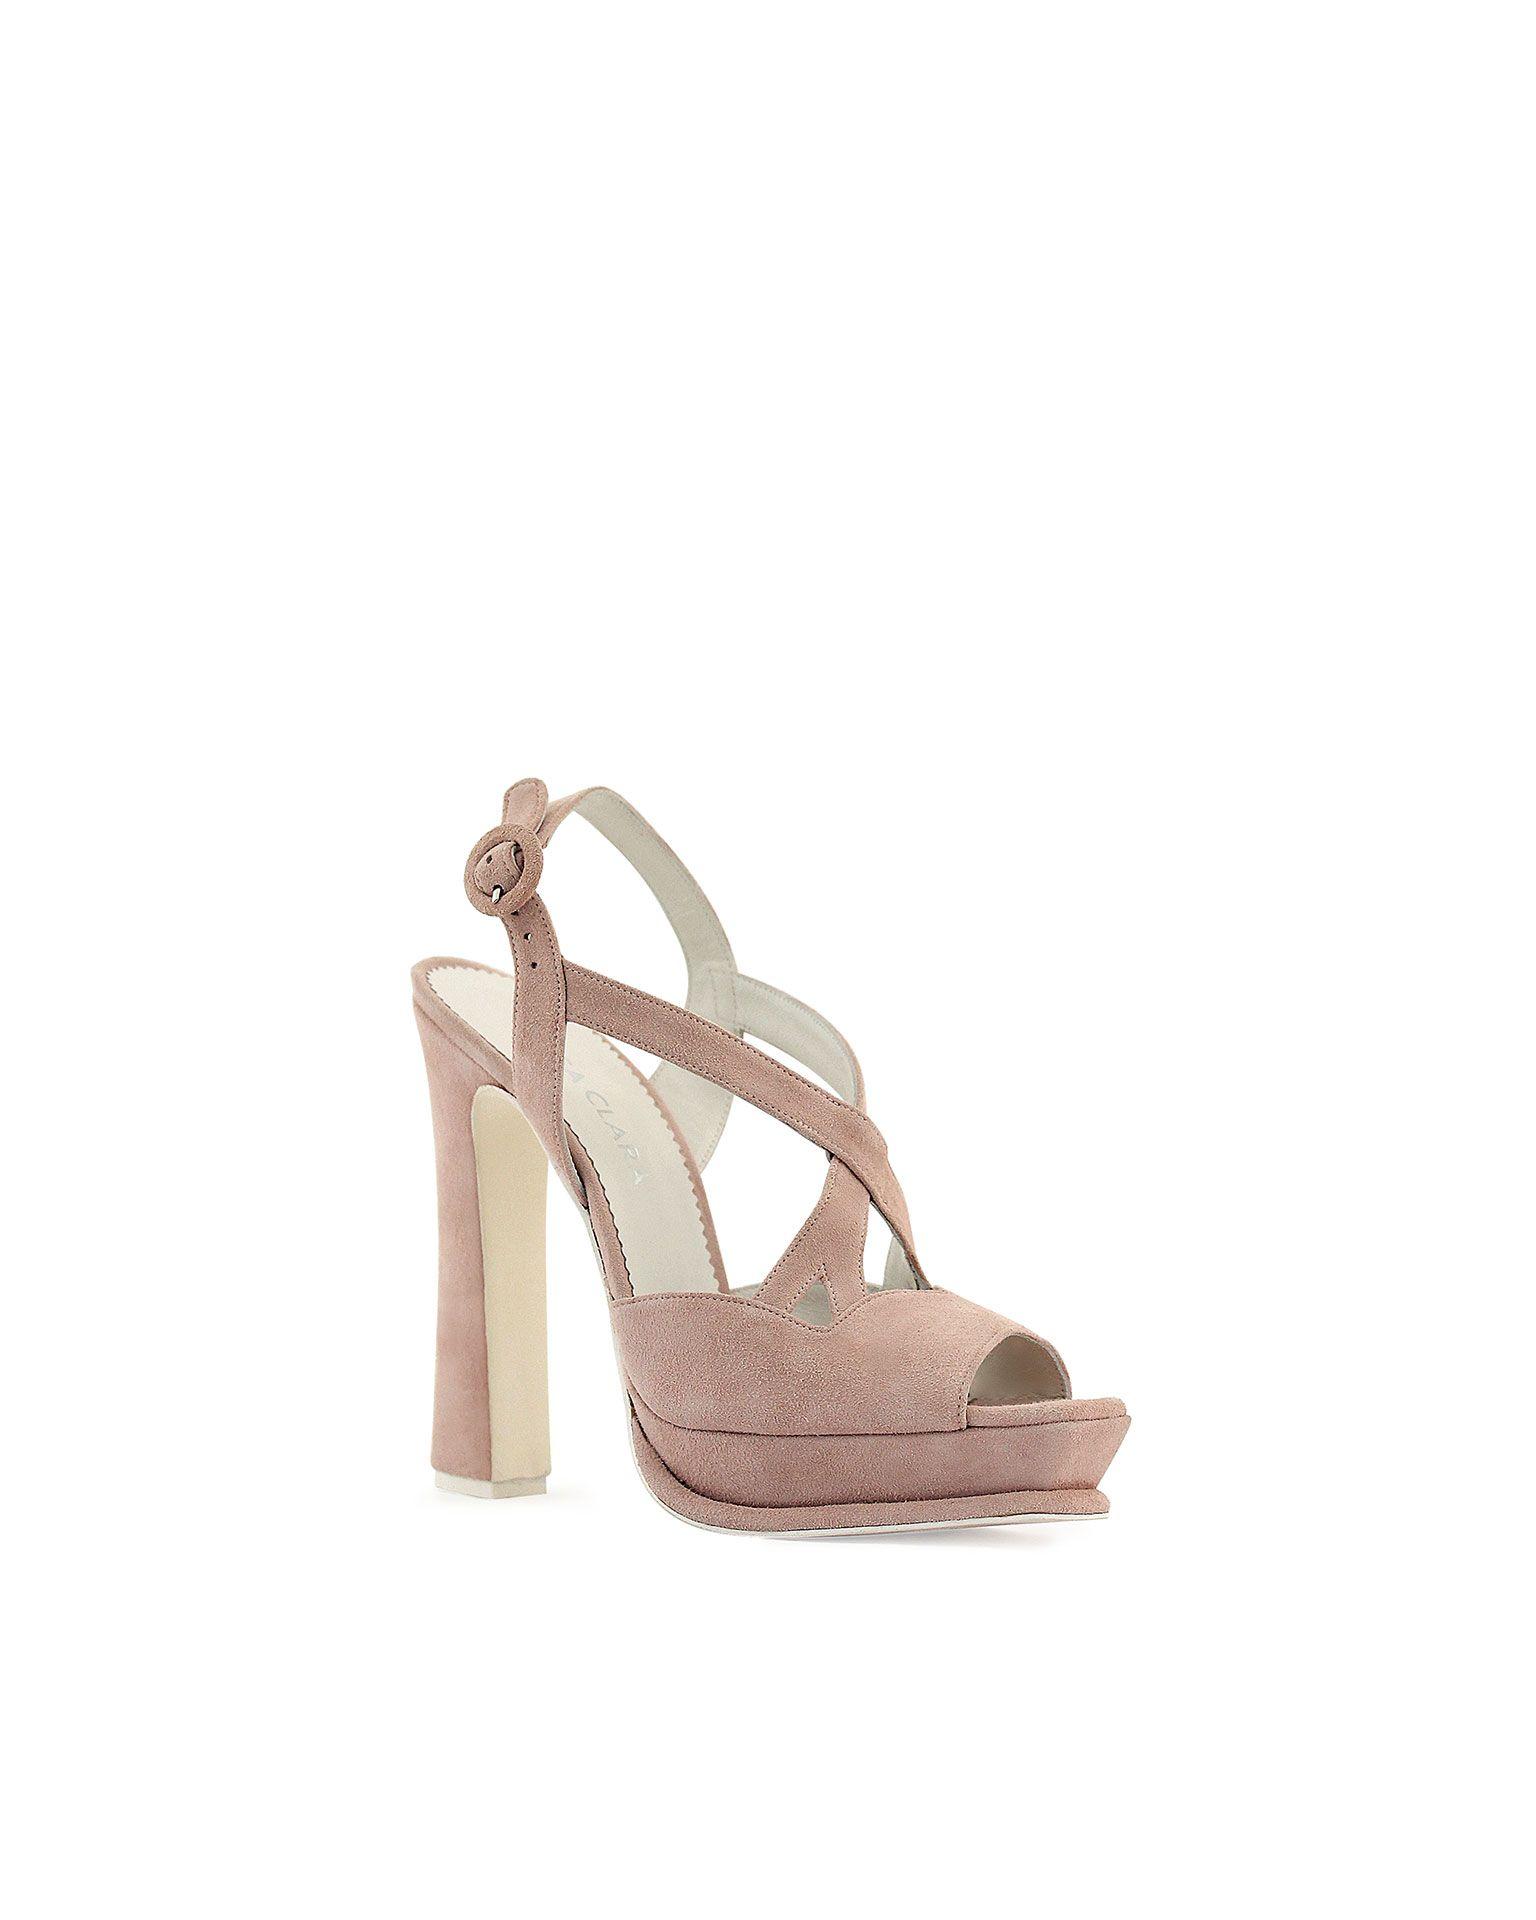 Novia Zapatos Palo Rosa ClaraComplementos Zapatos ClaraComplementos Palo Rosa Novia w0Pmny8OvN